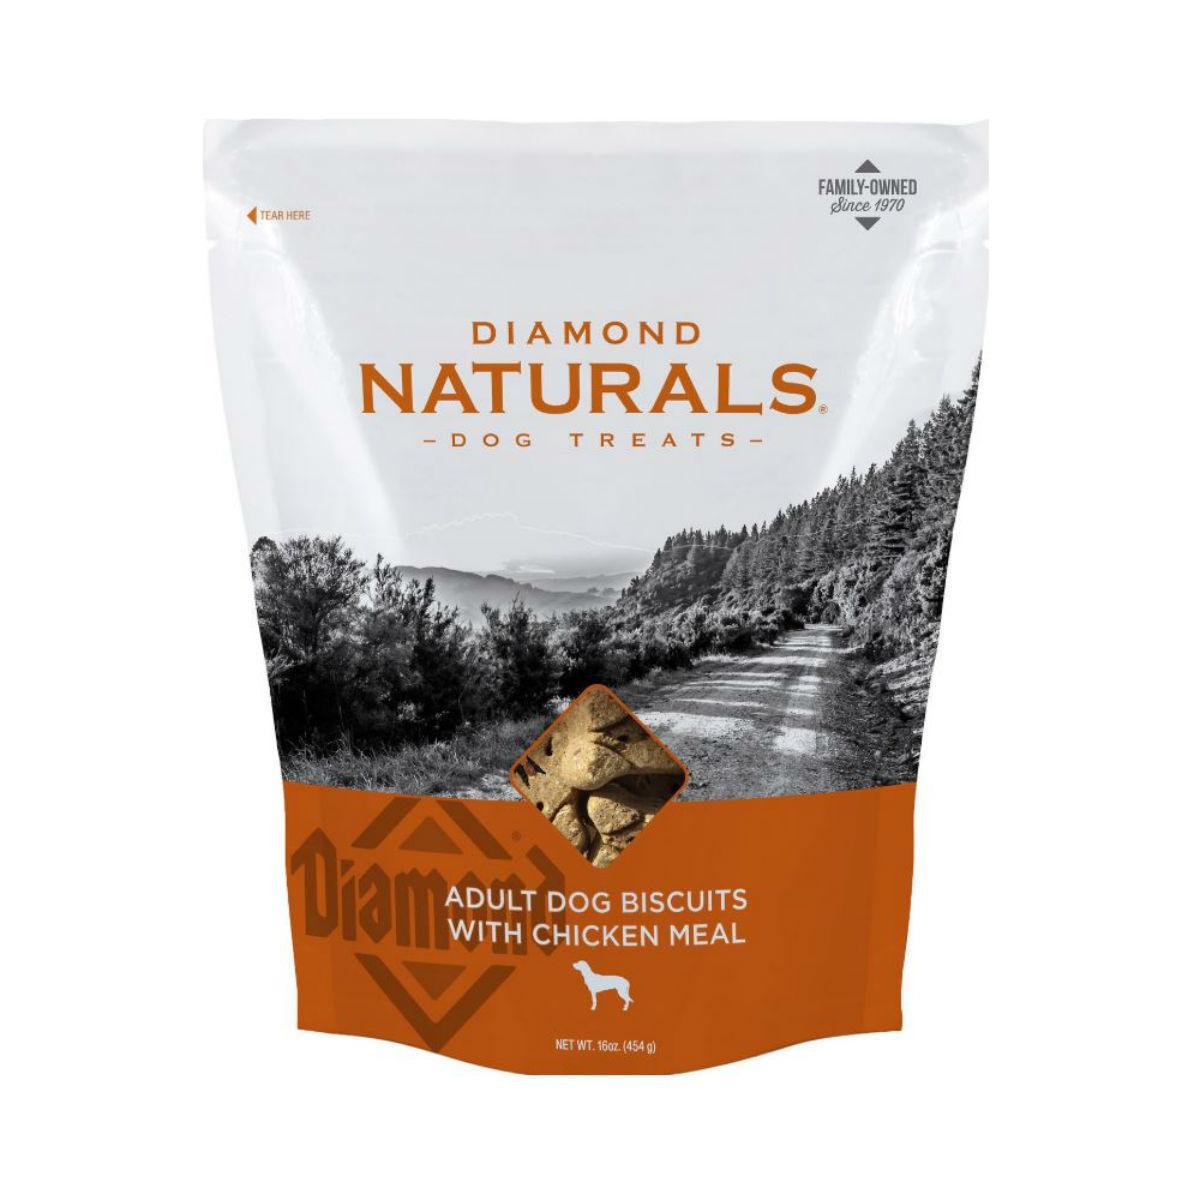 Diamond Naturals Adult Dog Biscuits - Chicken